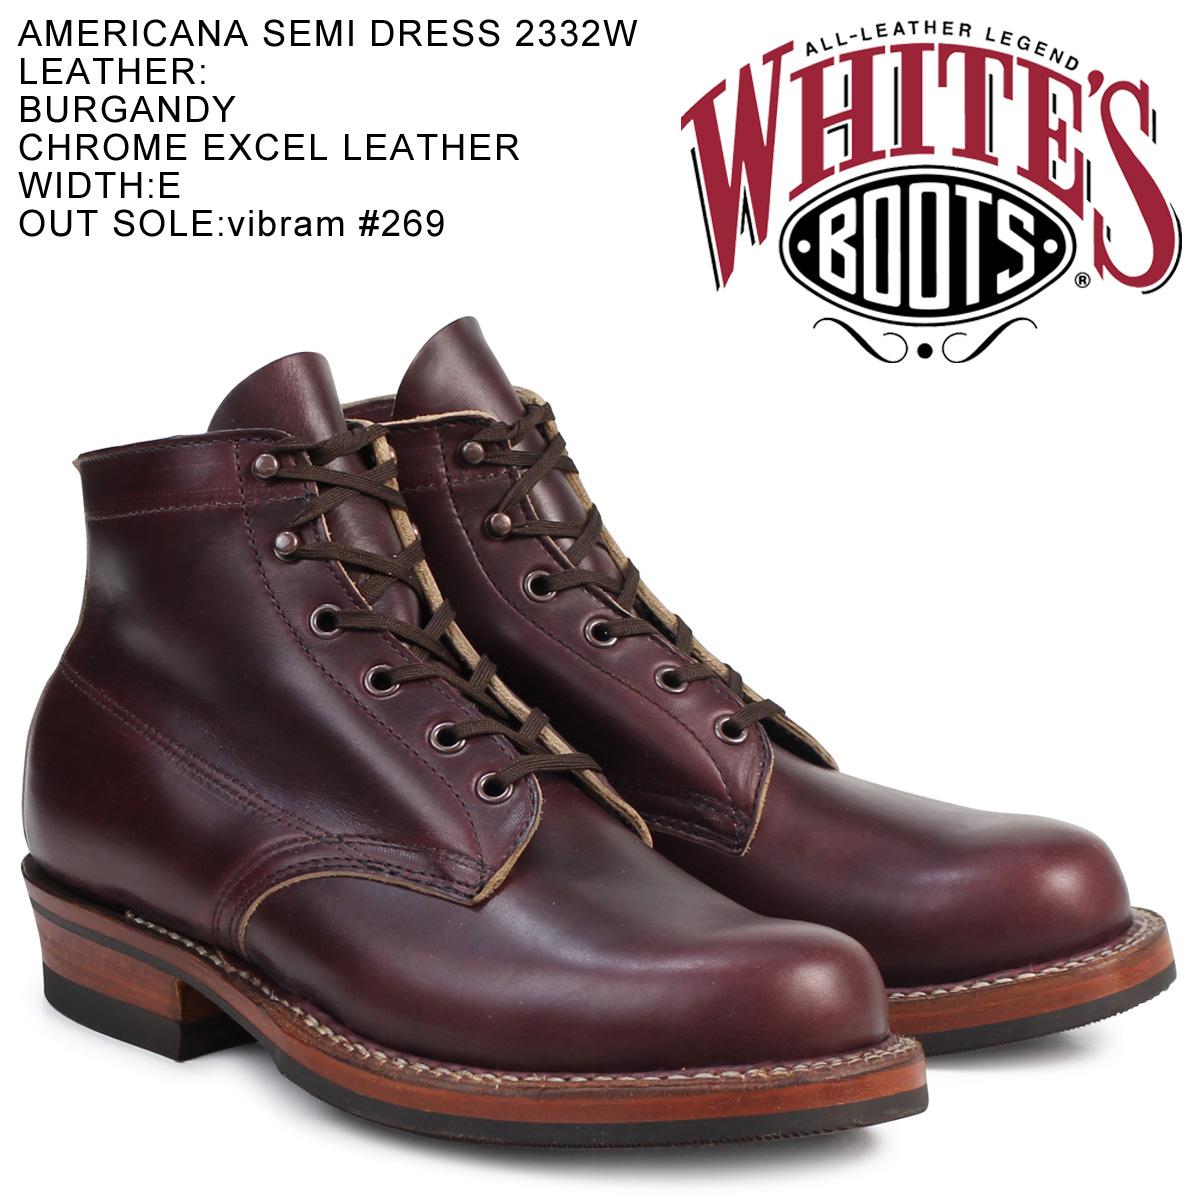 WHITE'S BOOTS BOOTS ホワイツブーツセミドレス メンズ 5INCH AMERICANA SEMIDRESS SEMIDRESS BOOTS 2332W Eワイズ メンズ バーガンディー, 注目のブランド:46ae430b --- gamenavi.club